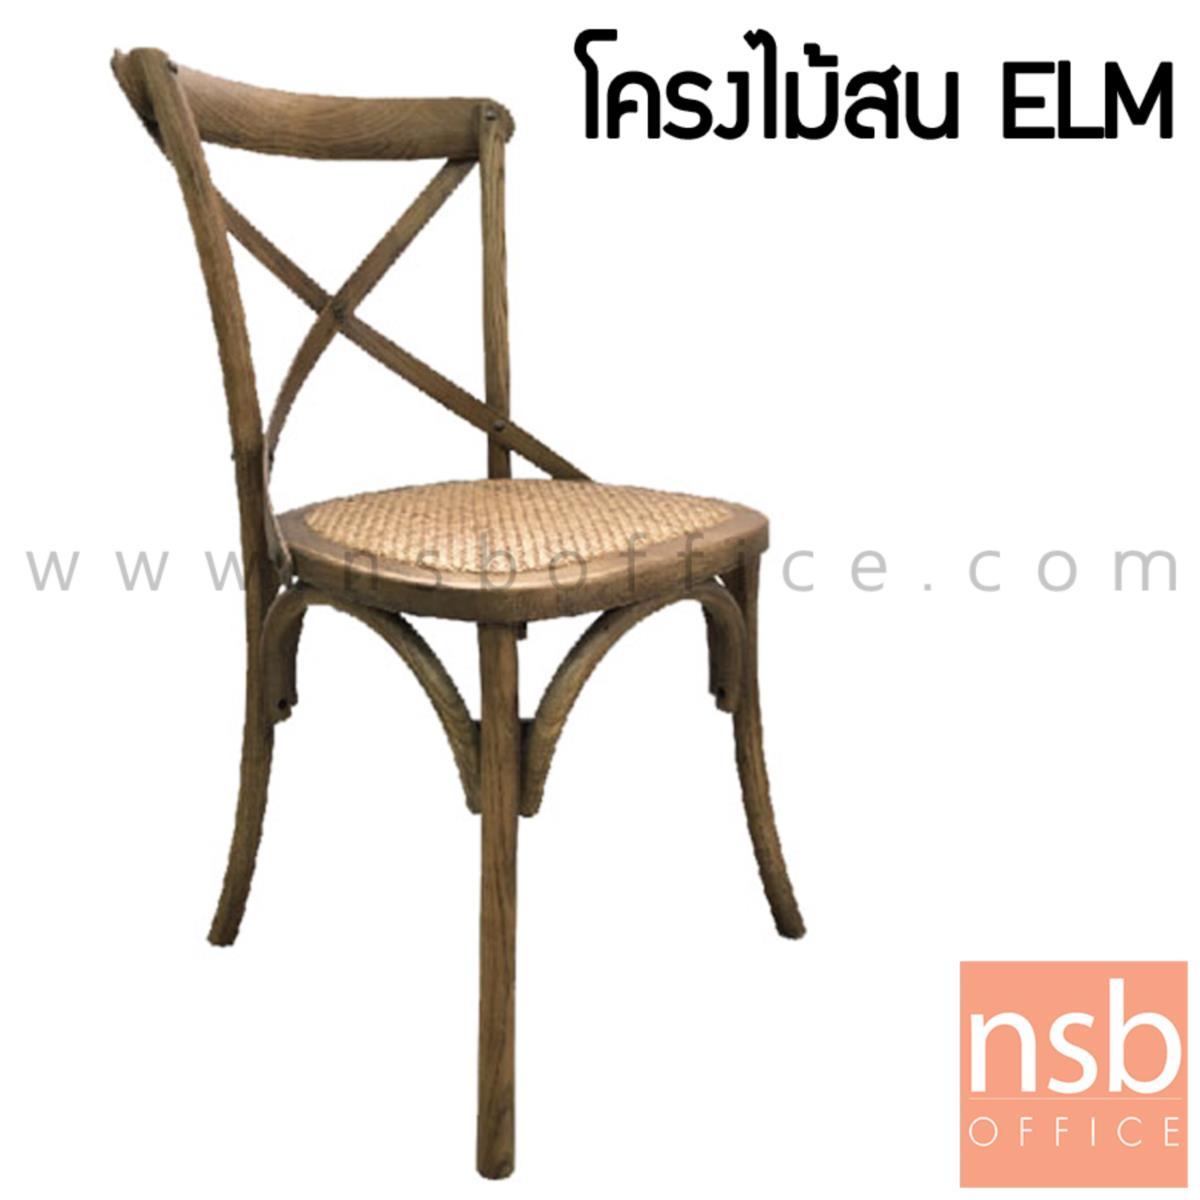 B22A147:เก้าอี้โมเดิร์นหวายสาน รุ่น Granini ขนาด 48W cm. โครงขาไม้สน ELM (ชุดละ 2 ตัว)